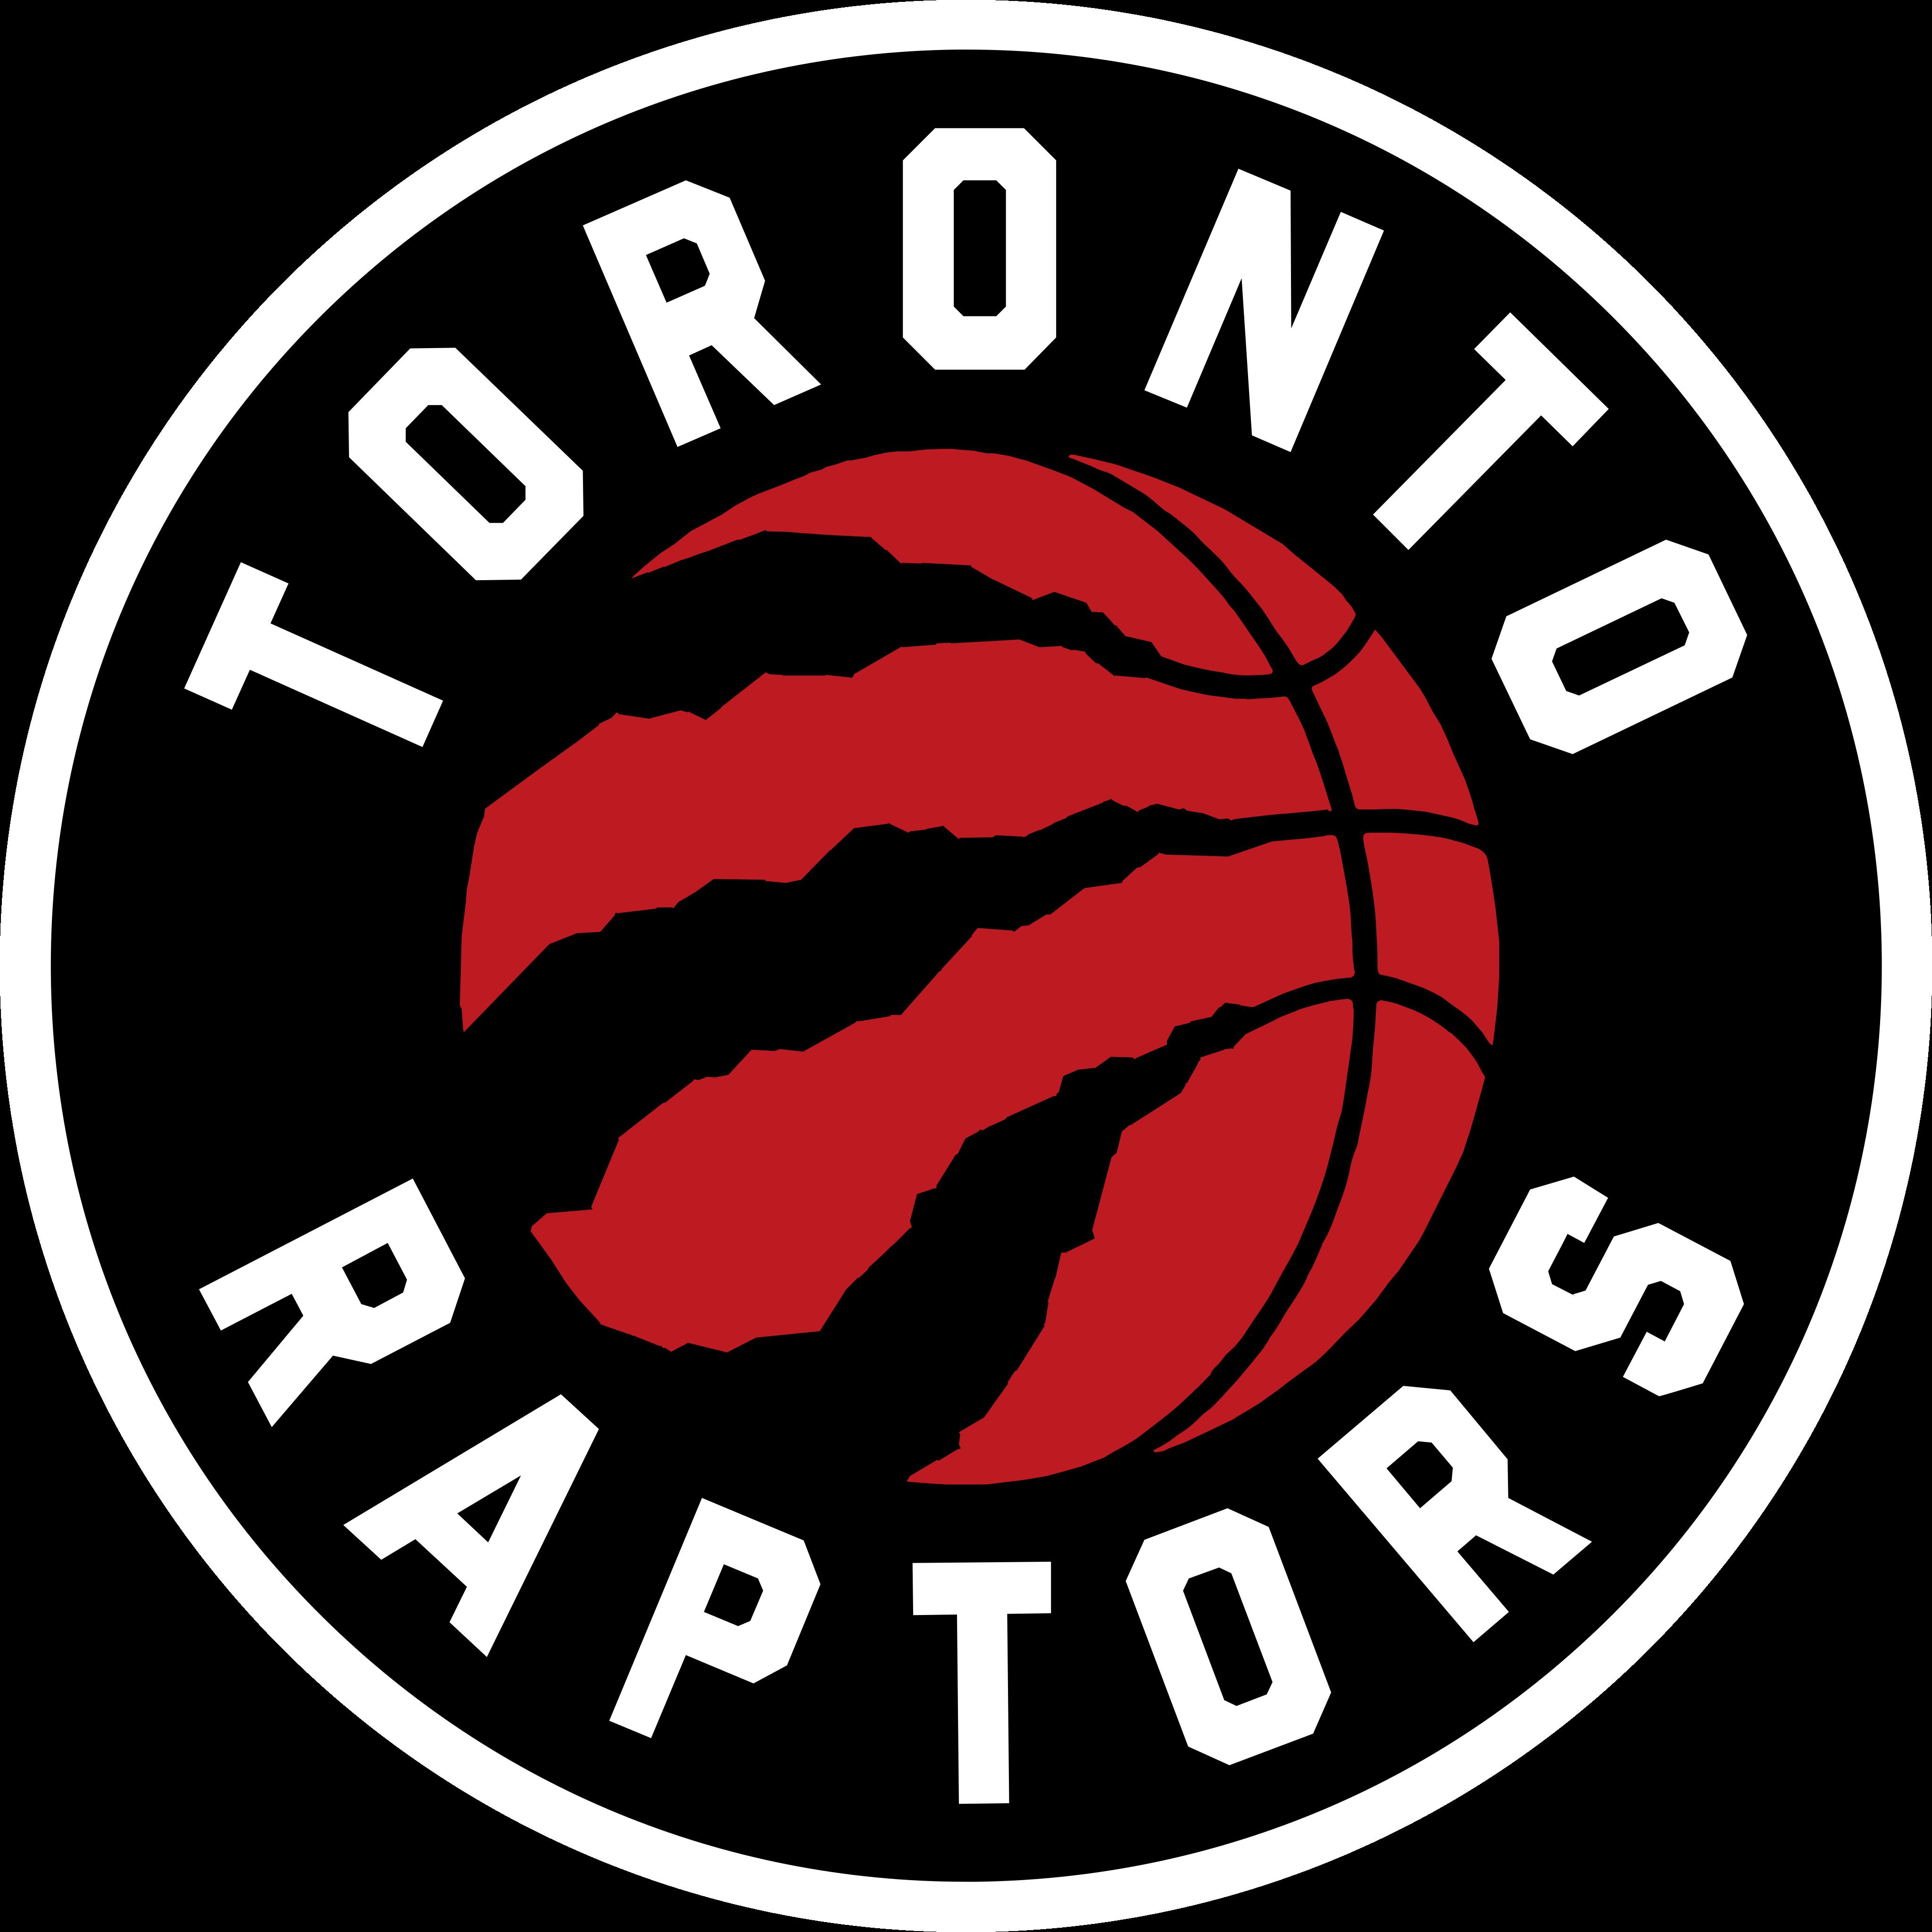 toronto raptors logo 8 - Toronto Raptors Logo